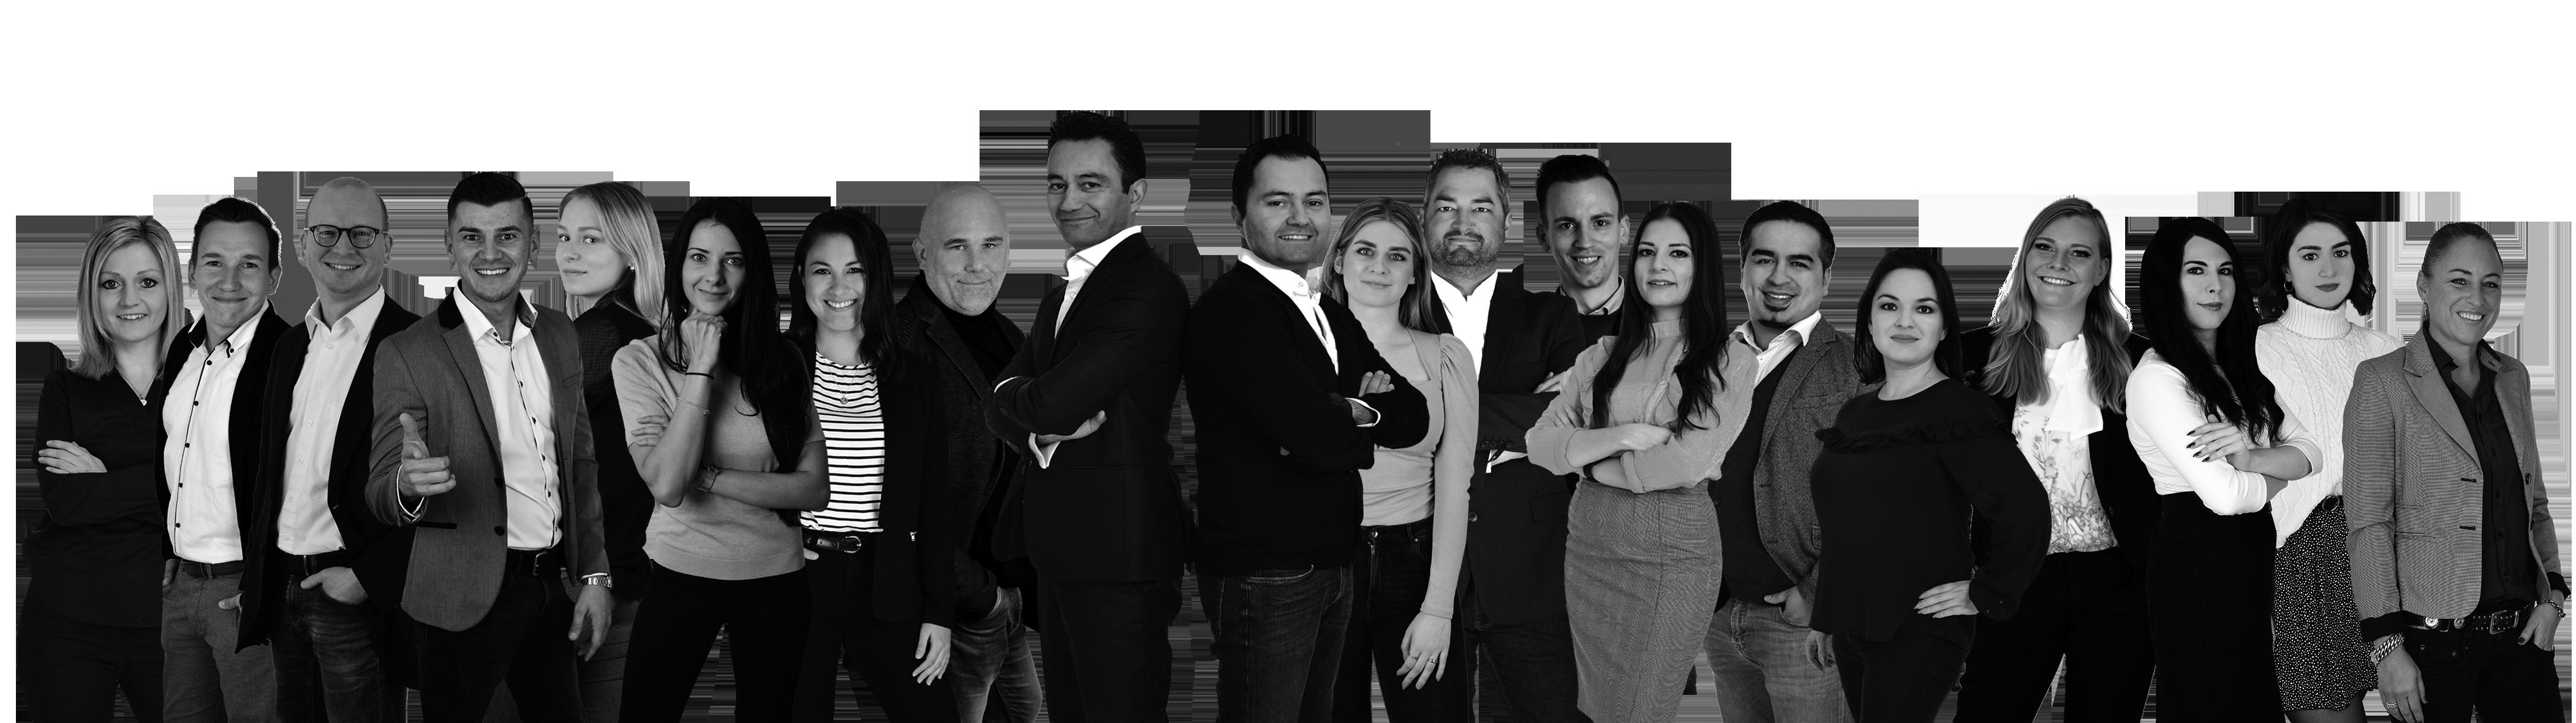 Teambild Schwarzweiß